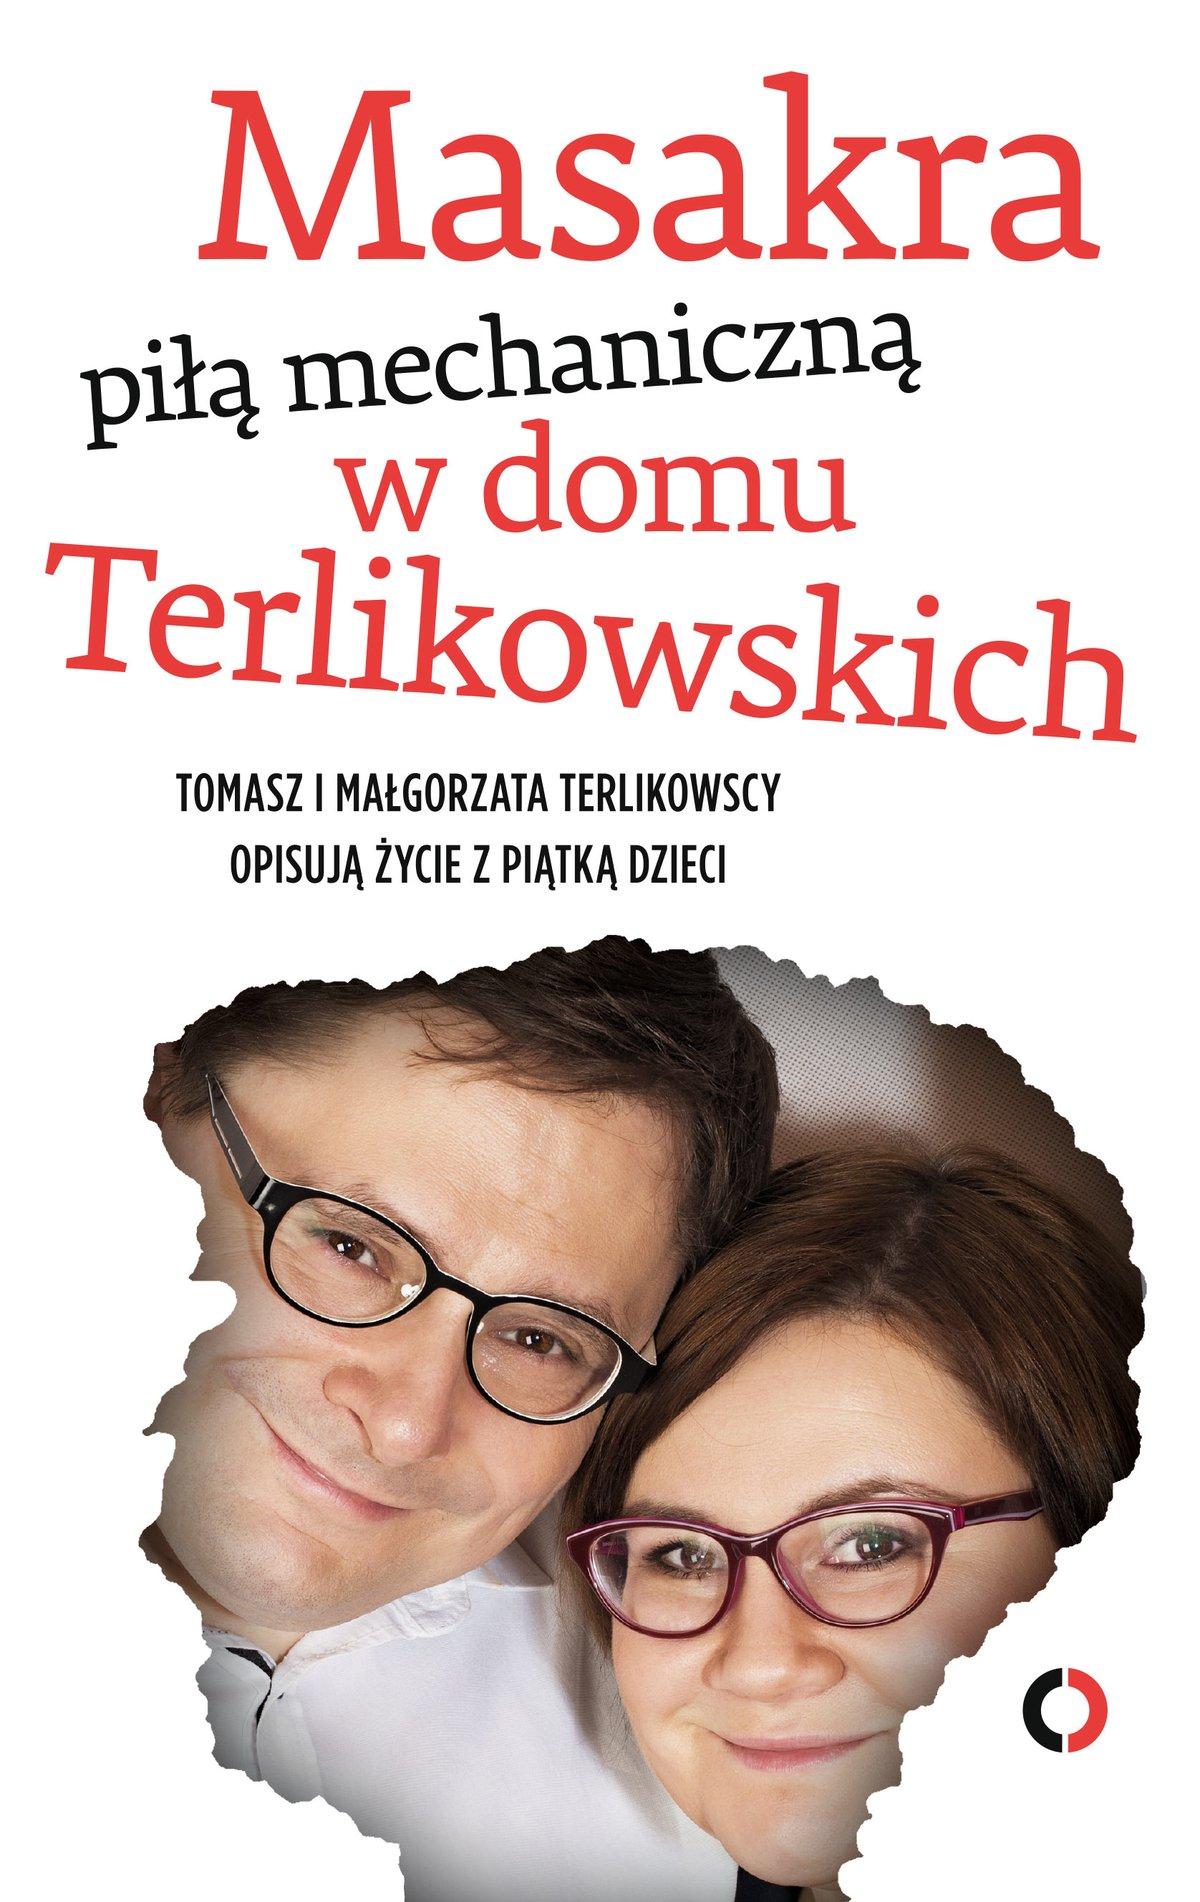 Masakra piłą mechaniczną w domu Terlikowskich - Ebook (Książka EPUB) do pobrania w formacie EPUB